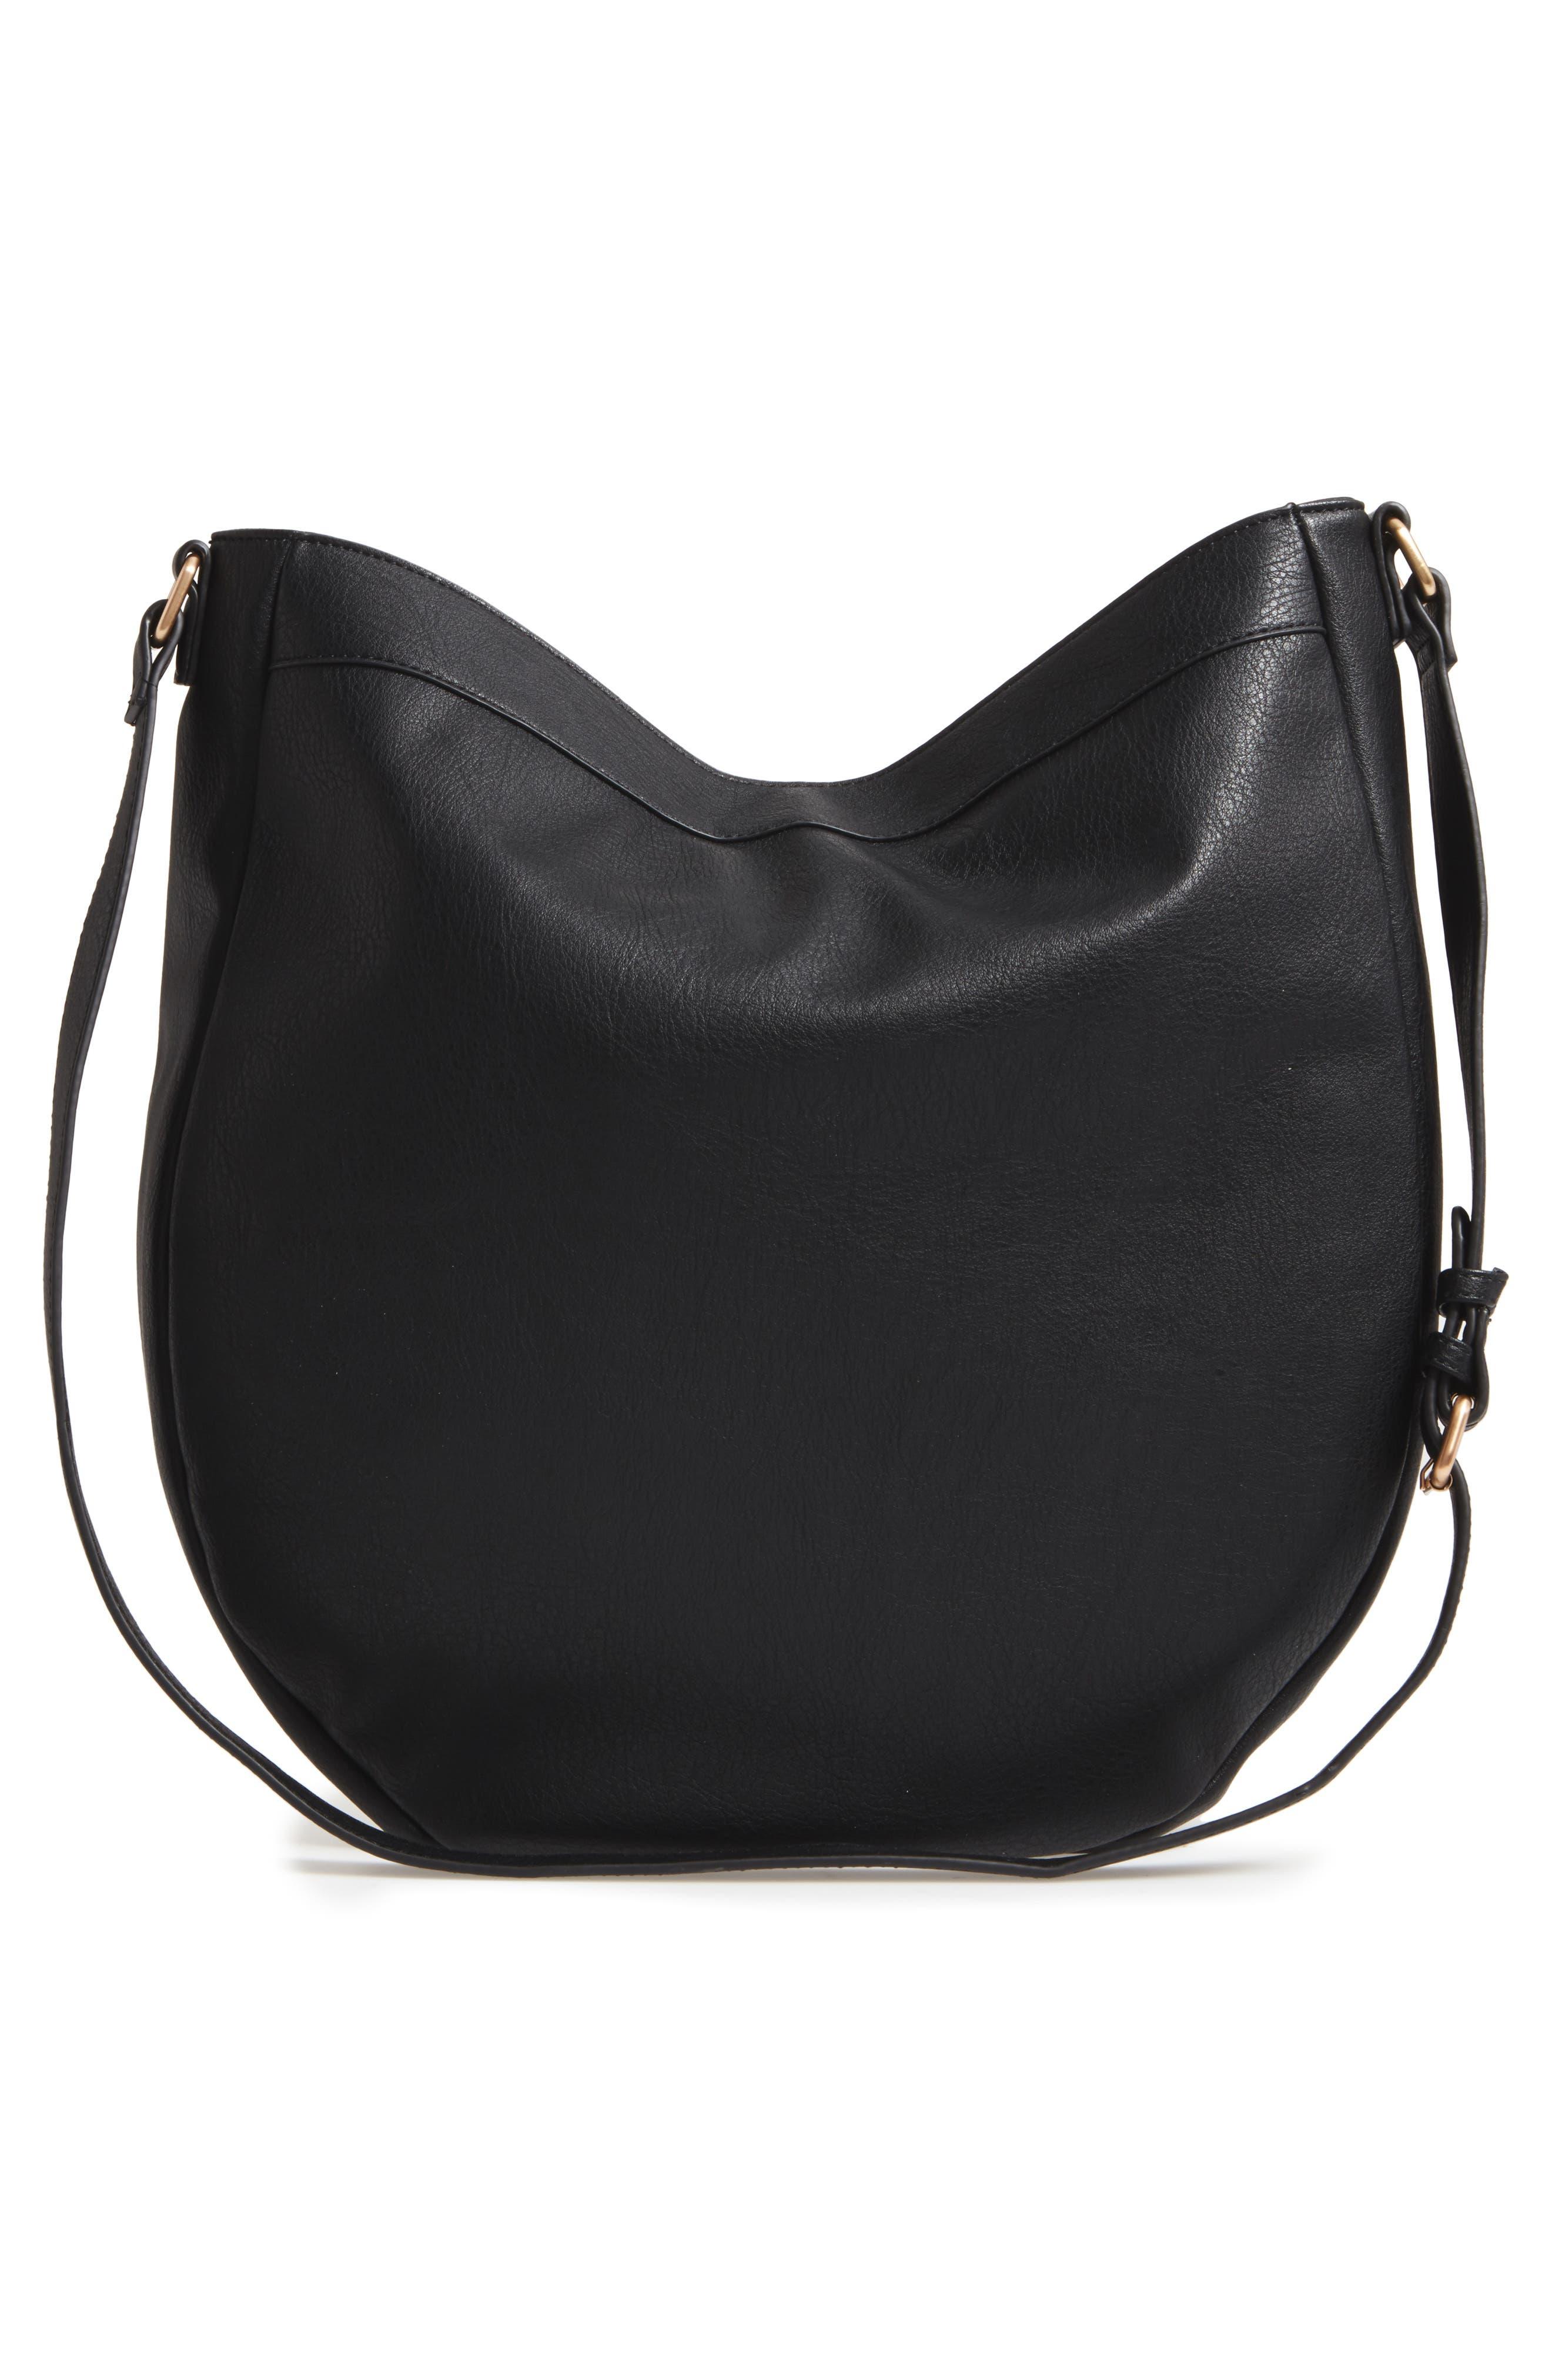 Kadence Faux Leather Shoulder Bag,                             Alternate thumbnail 5, color,